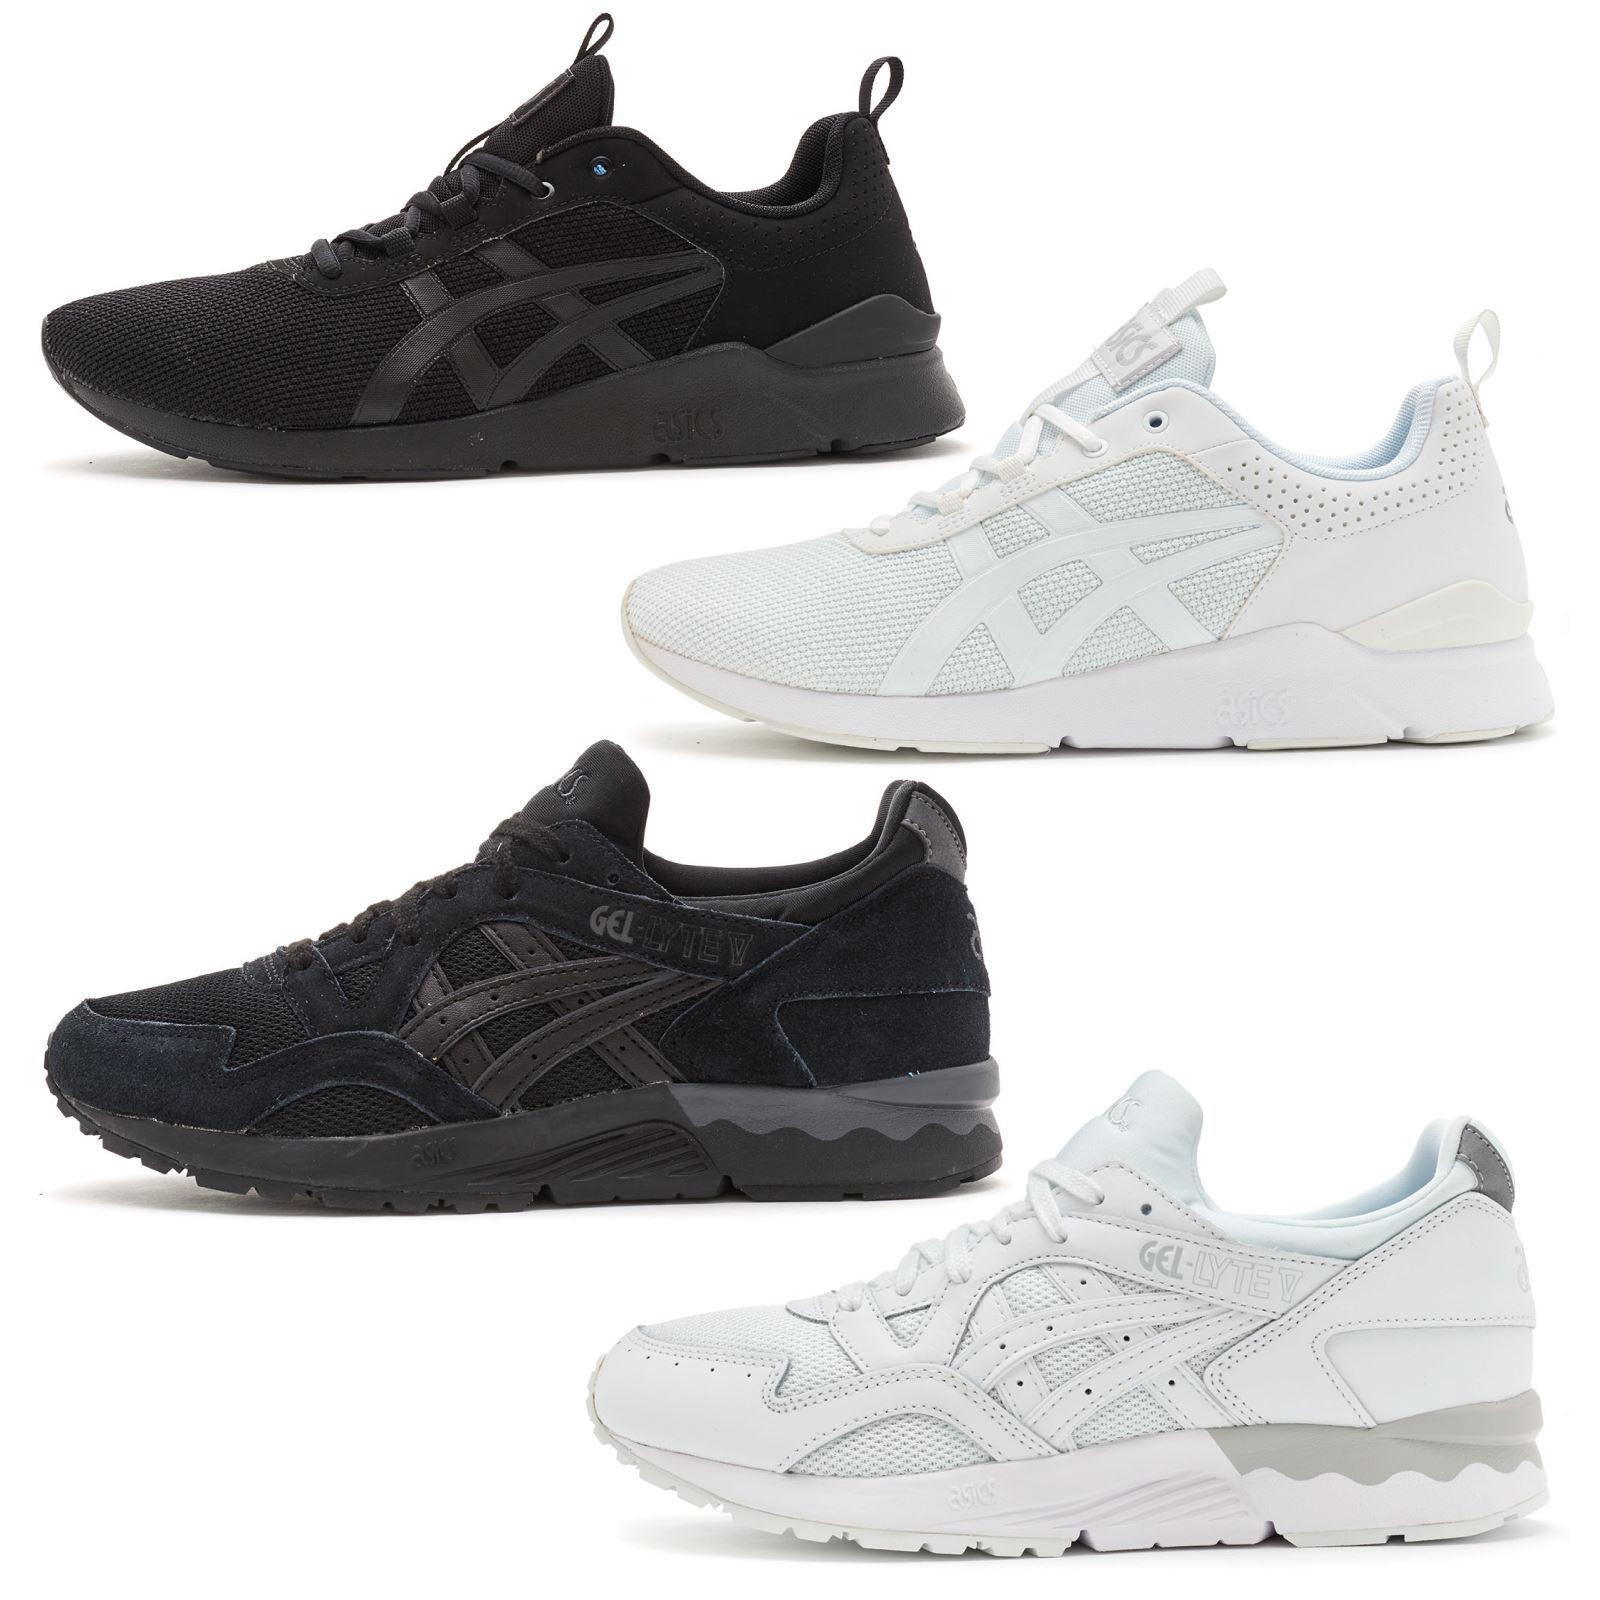 Asics Gel Lyte & Lyte V Running Trainers in Black & White H6K2N & HL6G3 best-selling model of the brand